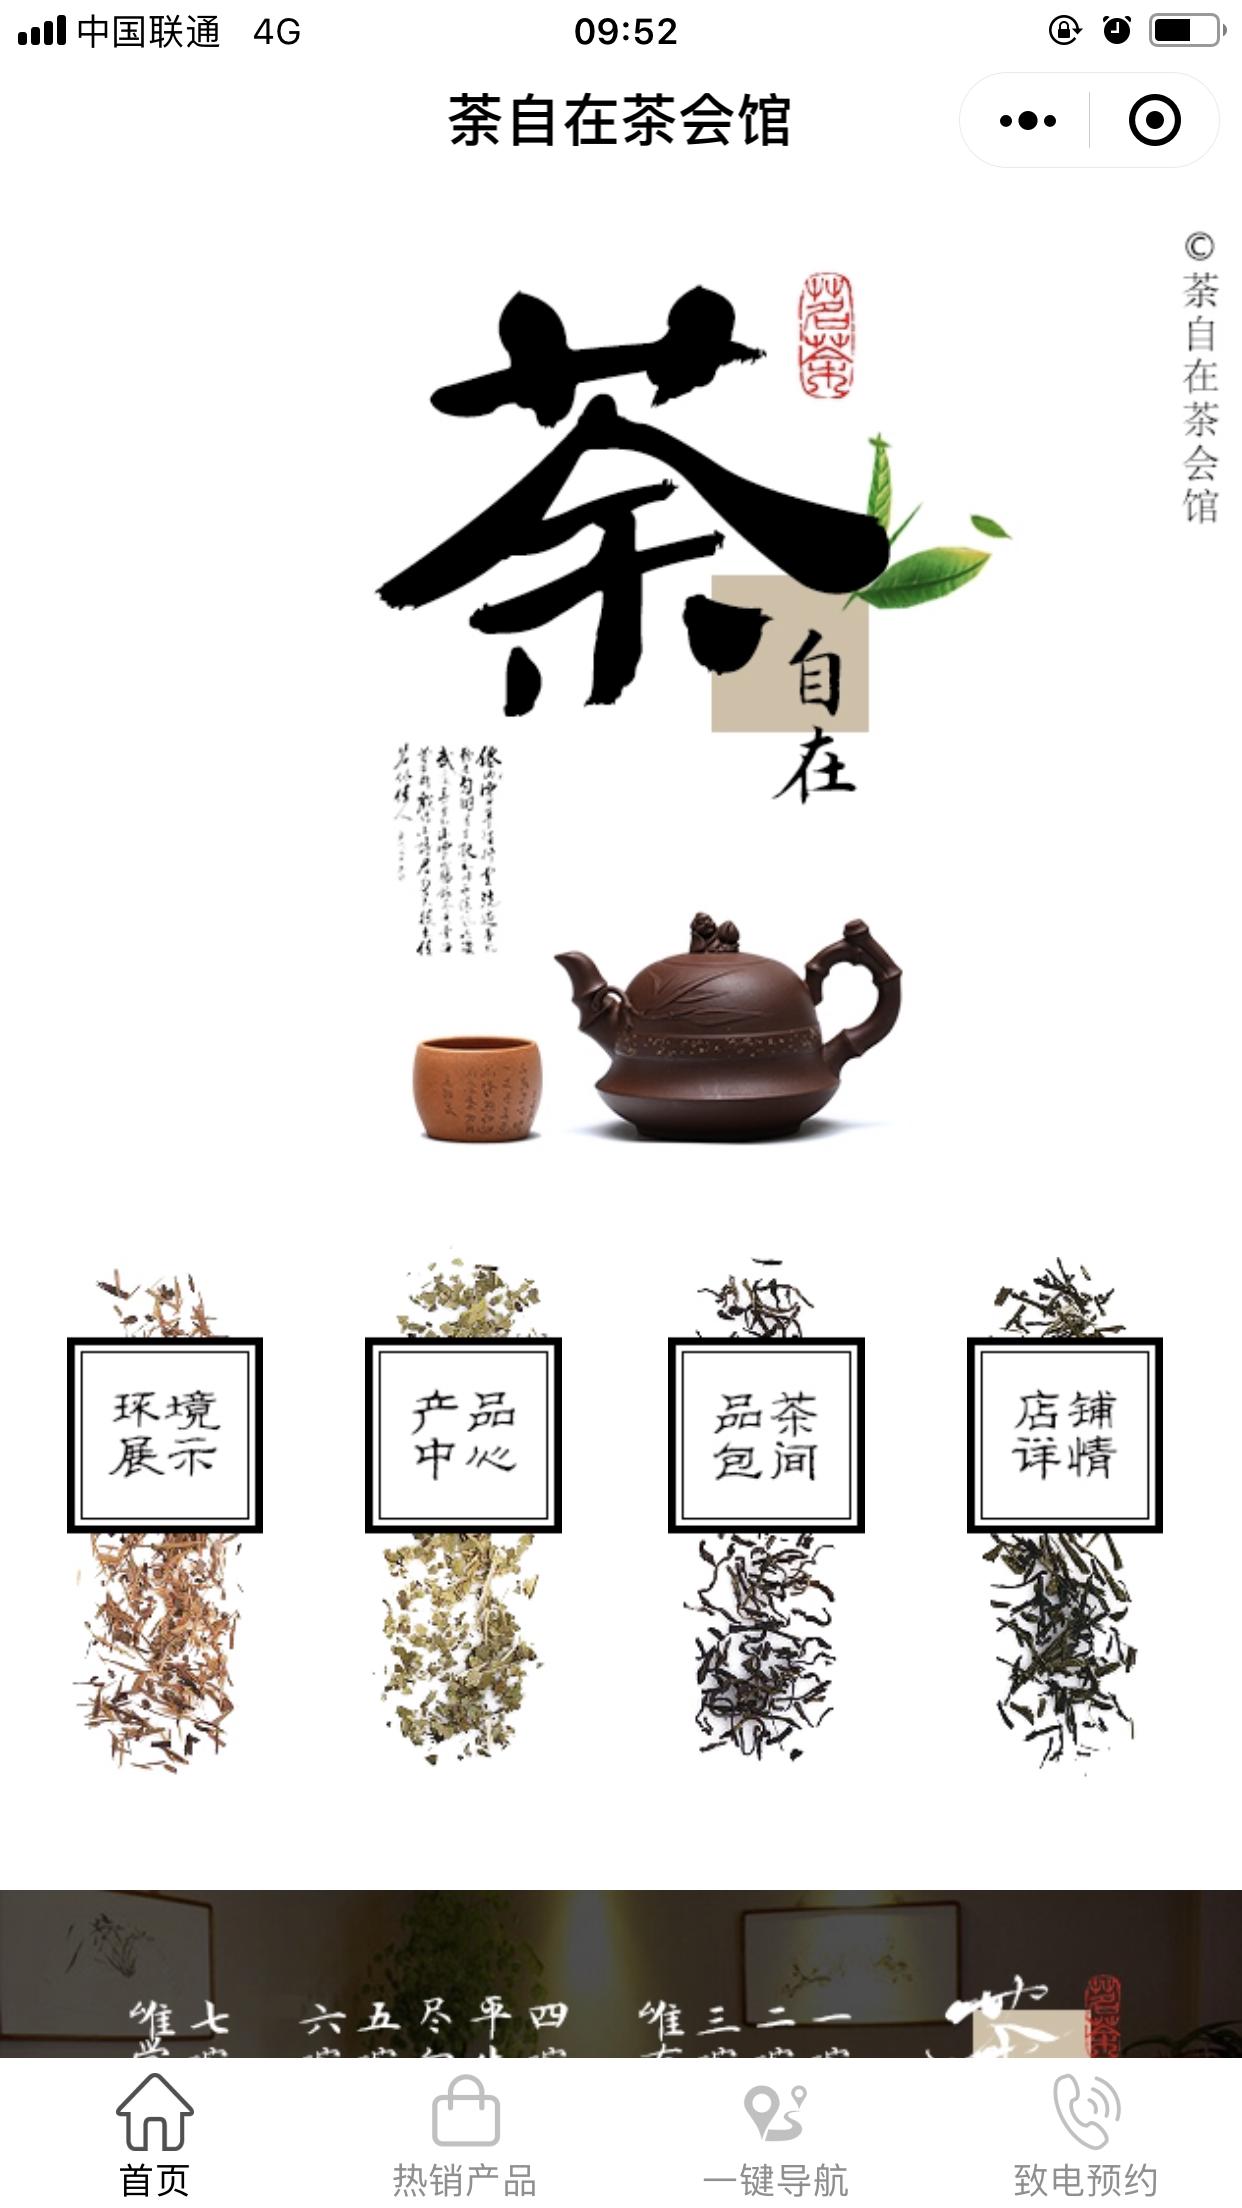 微信荼自在茶会馆小程序